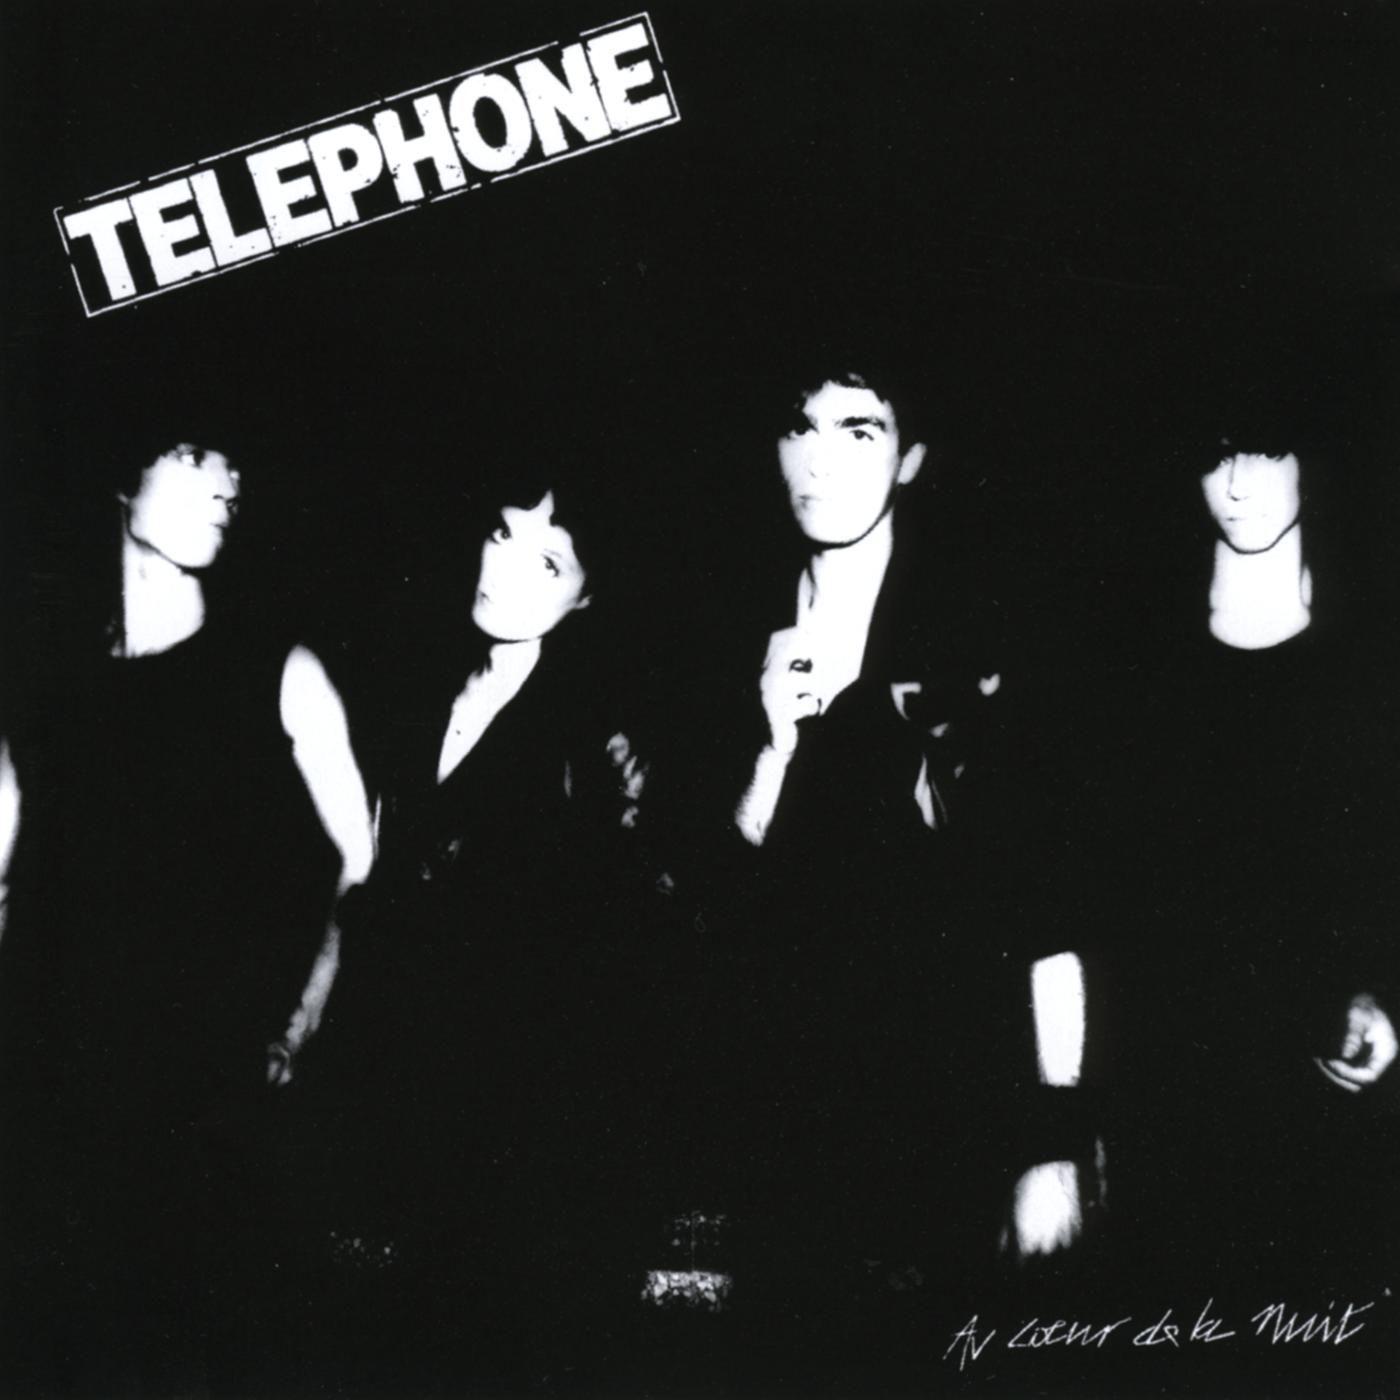 TelephoneВиниловые пластинки<br>Виниловая пластинка<br>